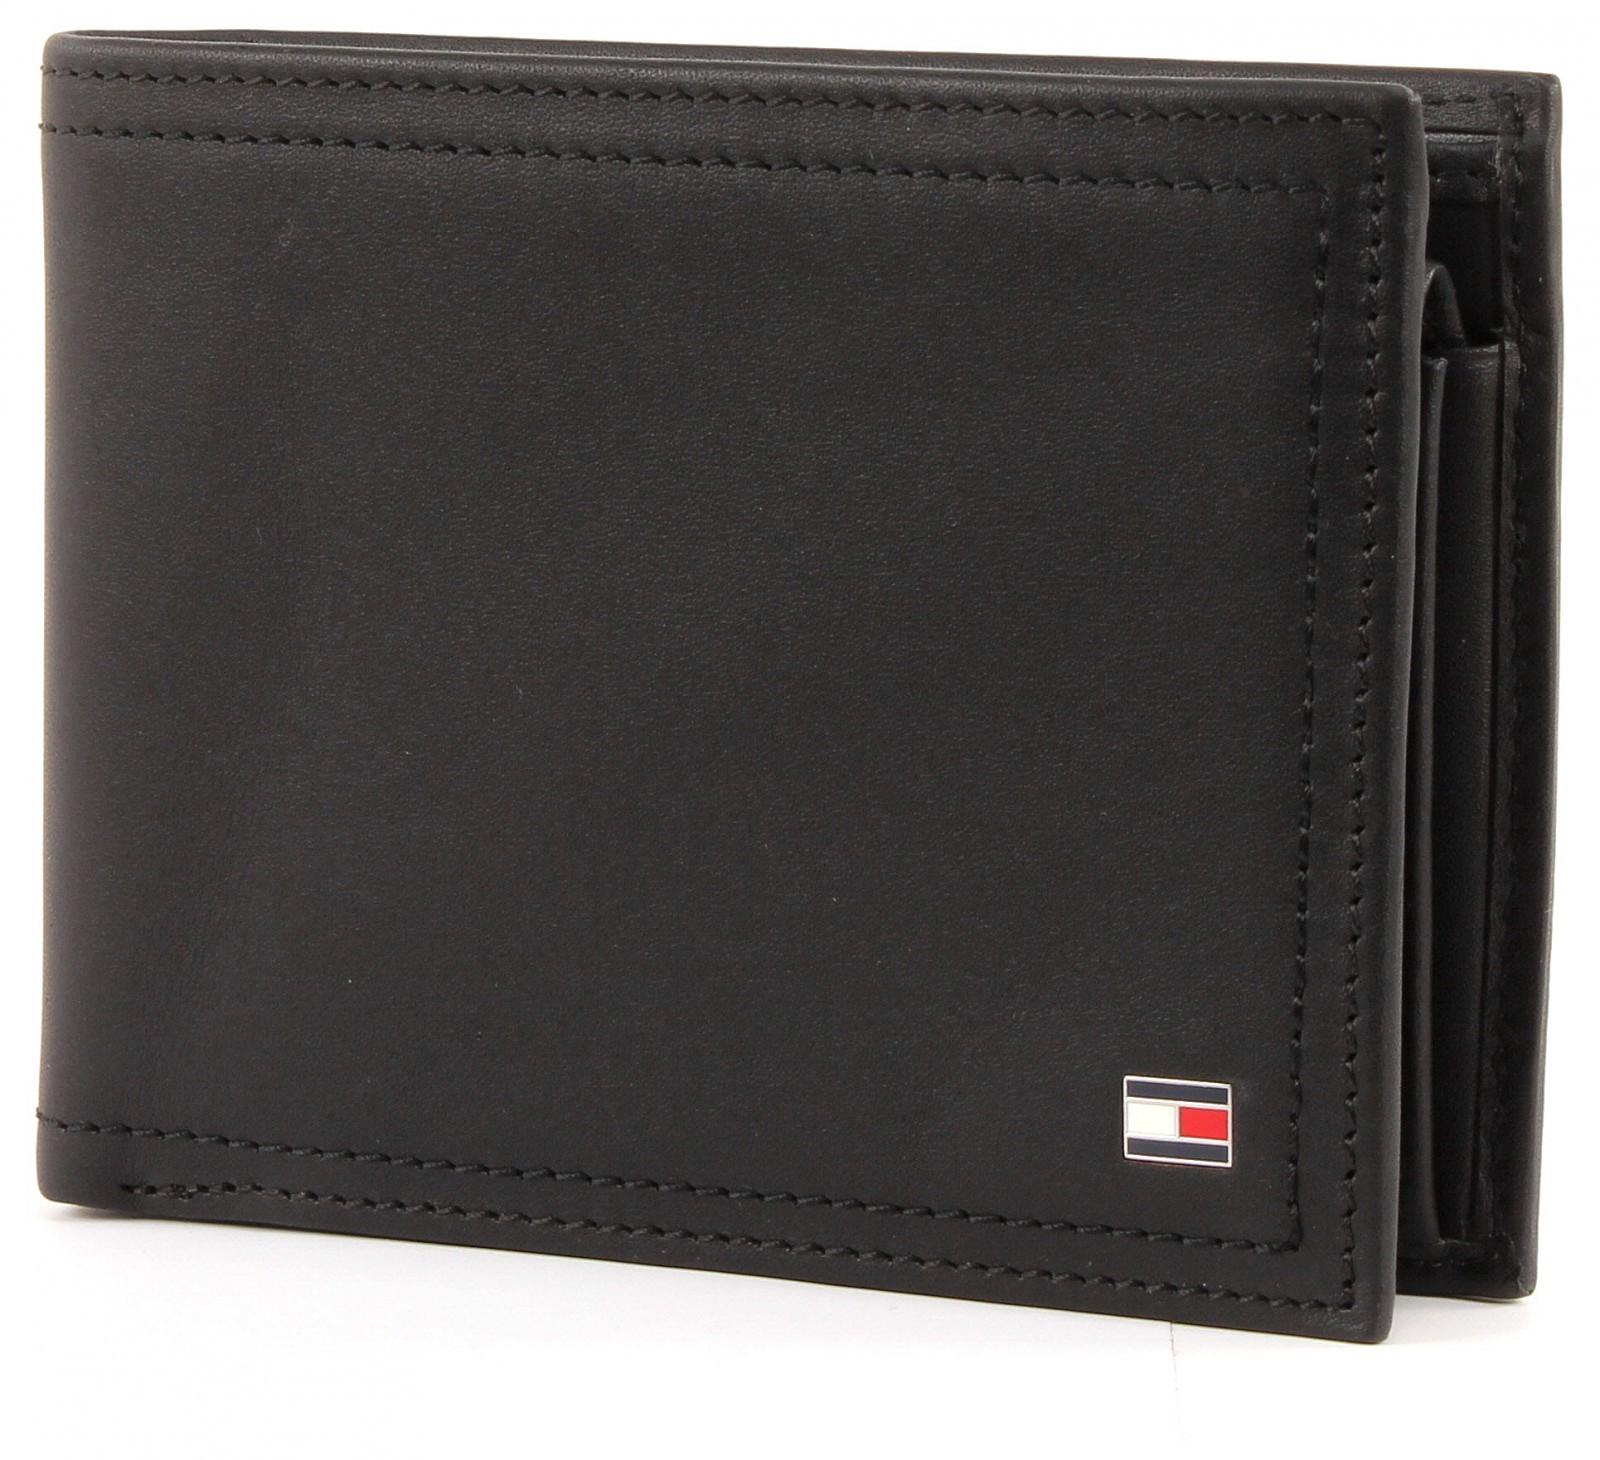 tommy hilfiger purse harry cc and coin pocket black. Black Bedroom Furniture Sets. Home Design Ideas